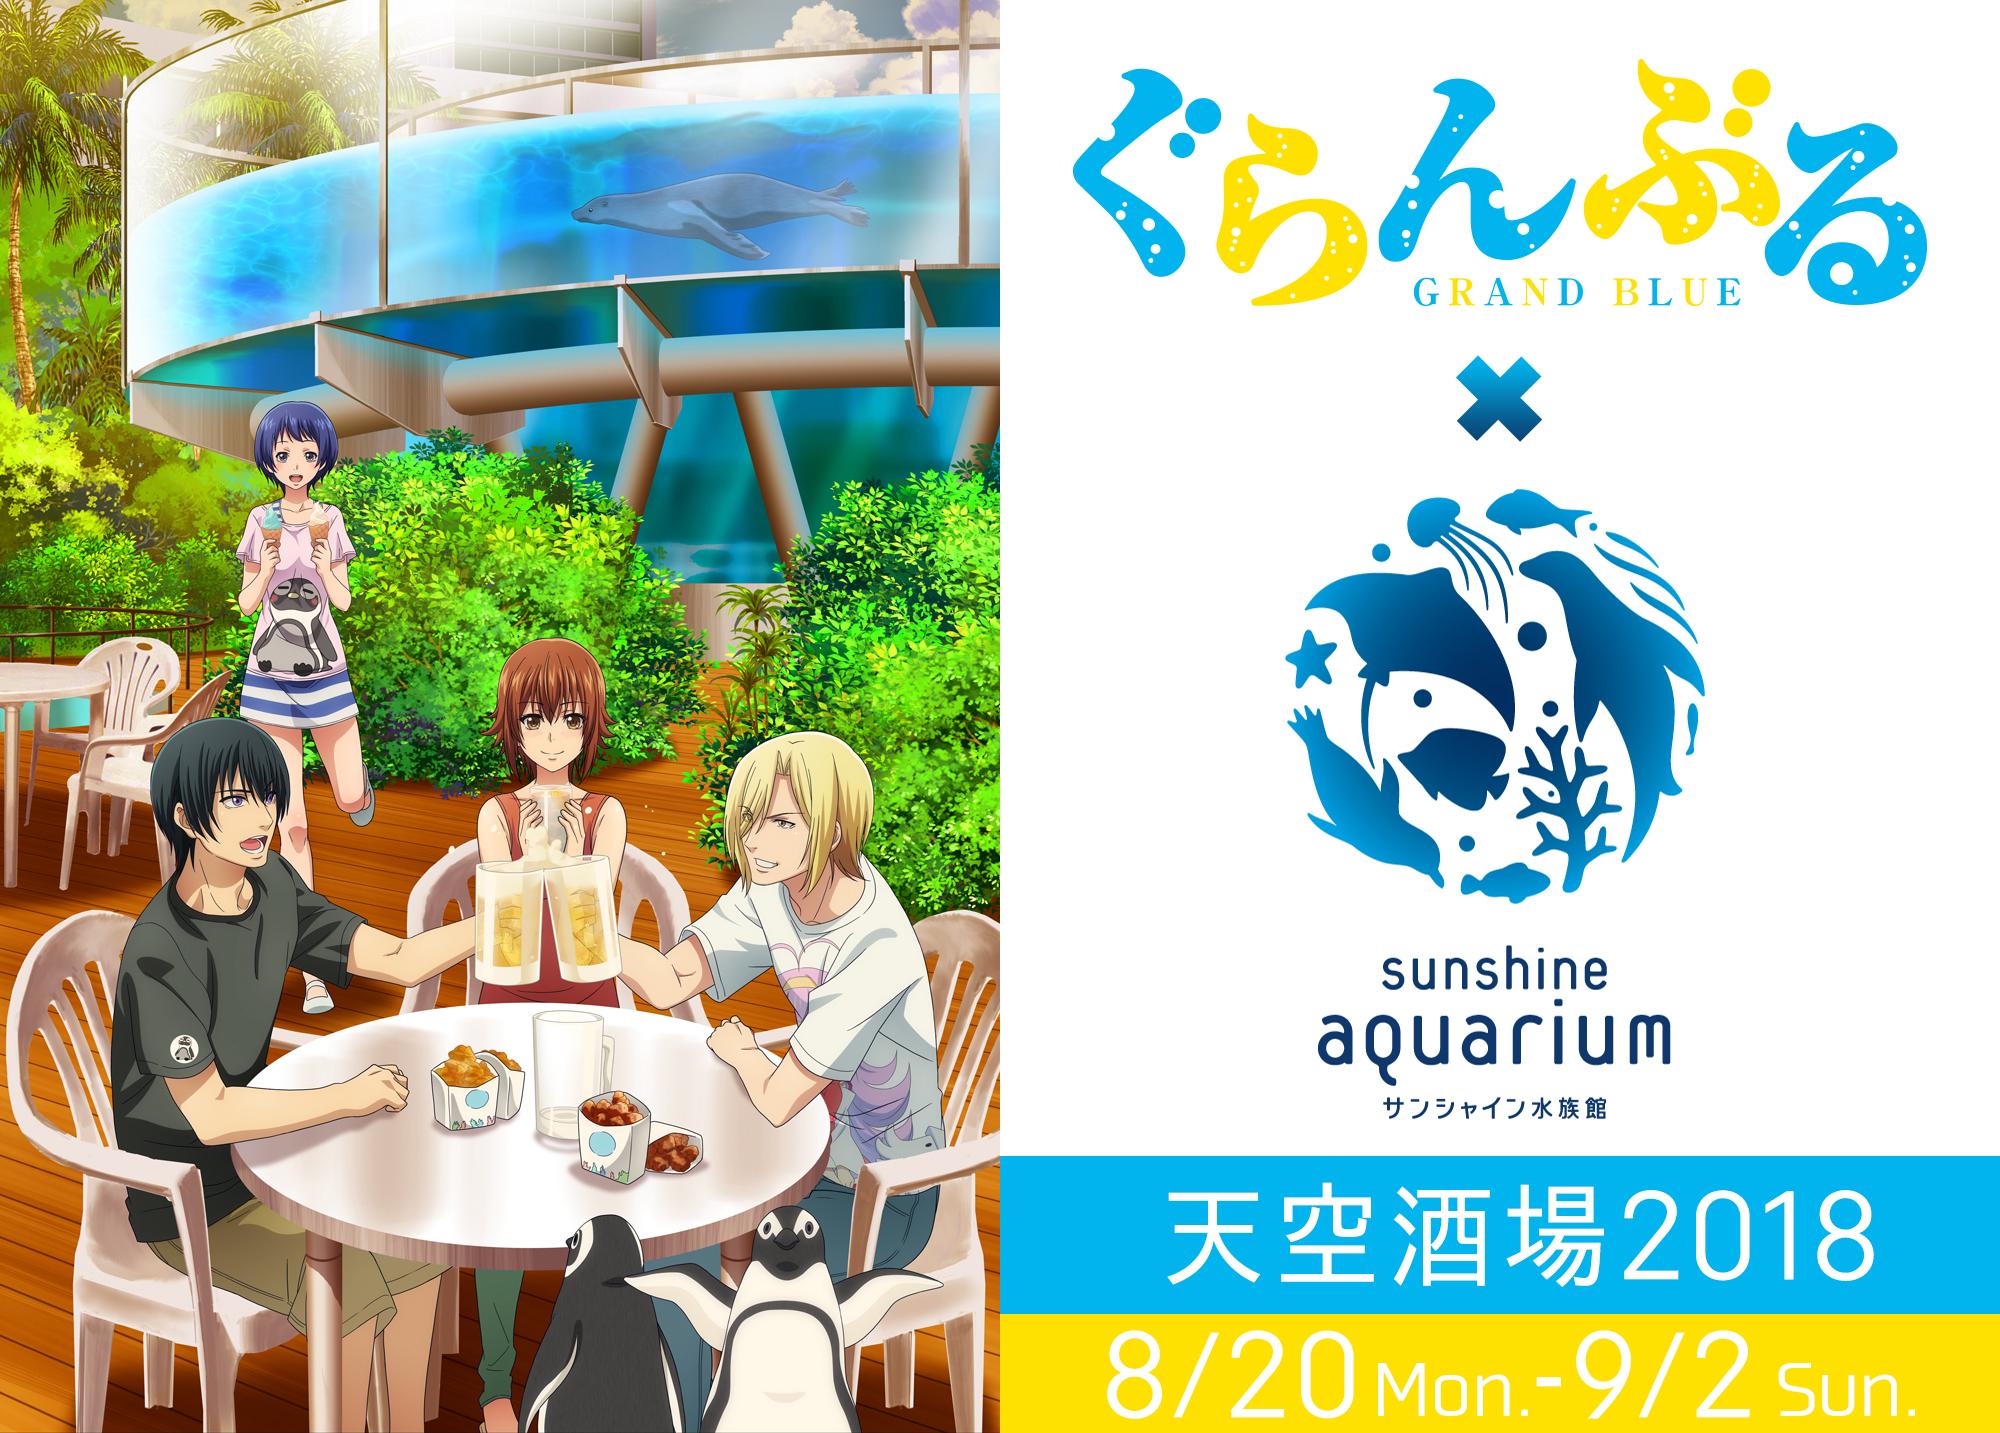 TVアニメ「ぐらんぶる」×「サンシャイン水族館 天空酒場2018」コラボ画像